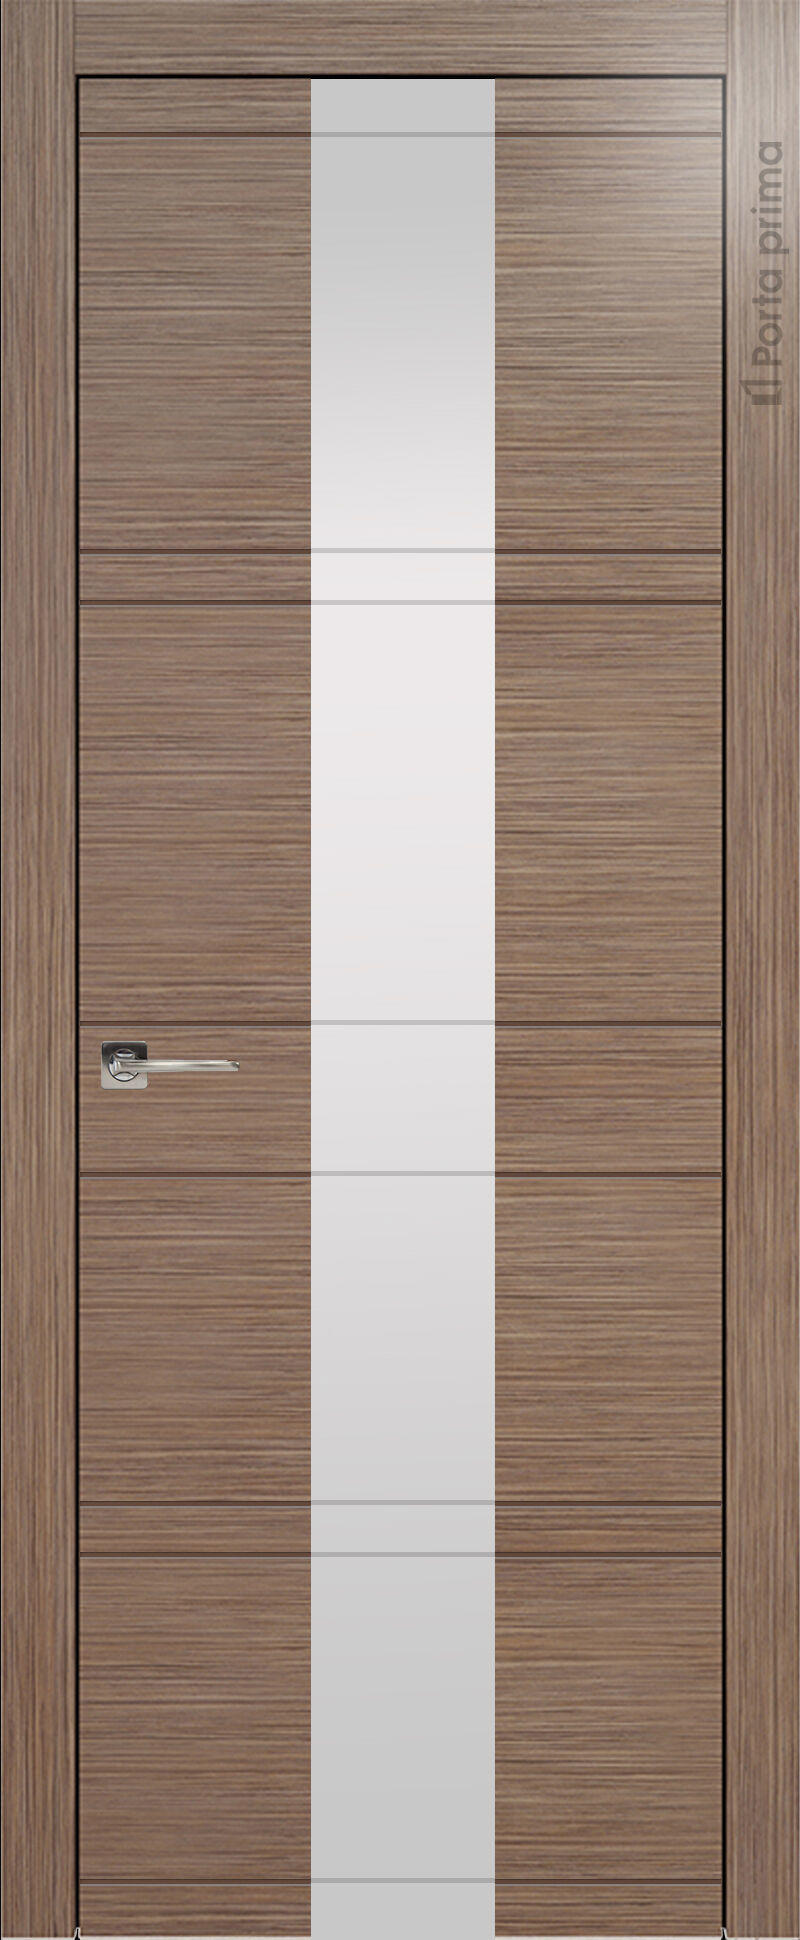 Tivoli Ж-2 цвет - Орех Со стеклом (ДО)